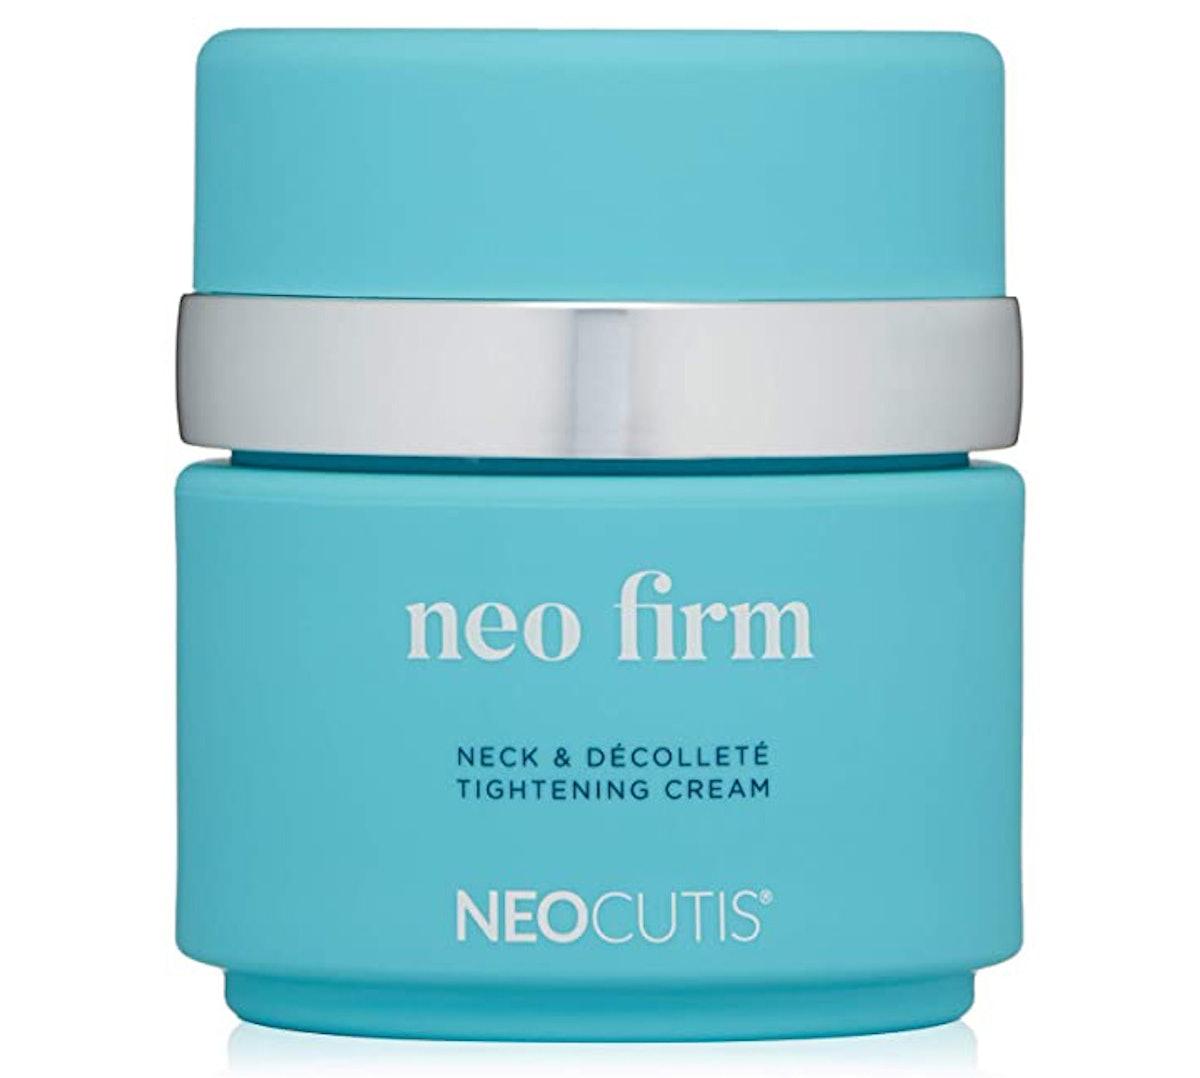 NEOCUTIS Neo Firm Neck & Décolletage Tightening Cream